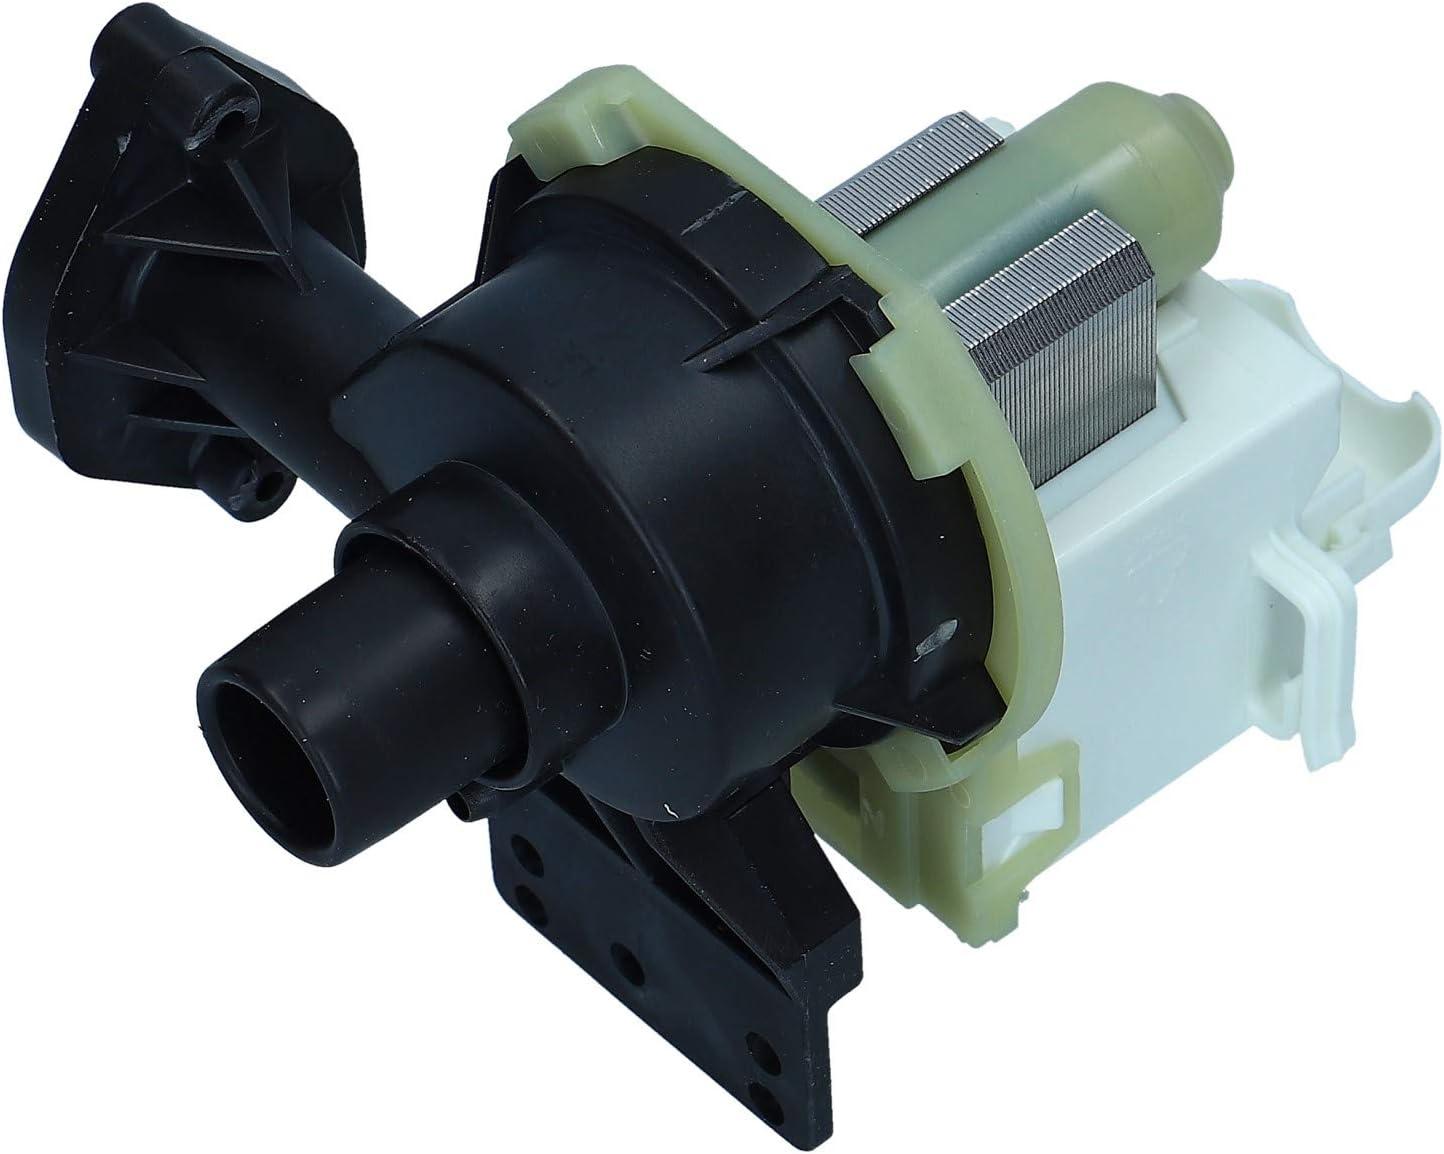 LUTH Premium Profi Parts - Bomba de evacuación con cabezal para lavavajillas   Compatible con BOSCH 00095684 Copreci